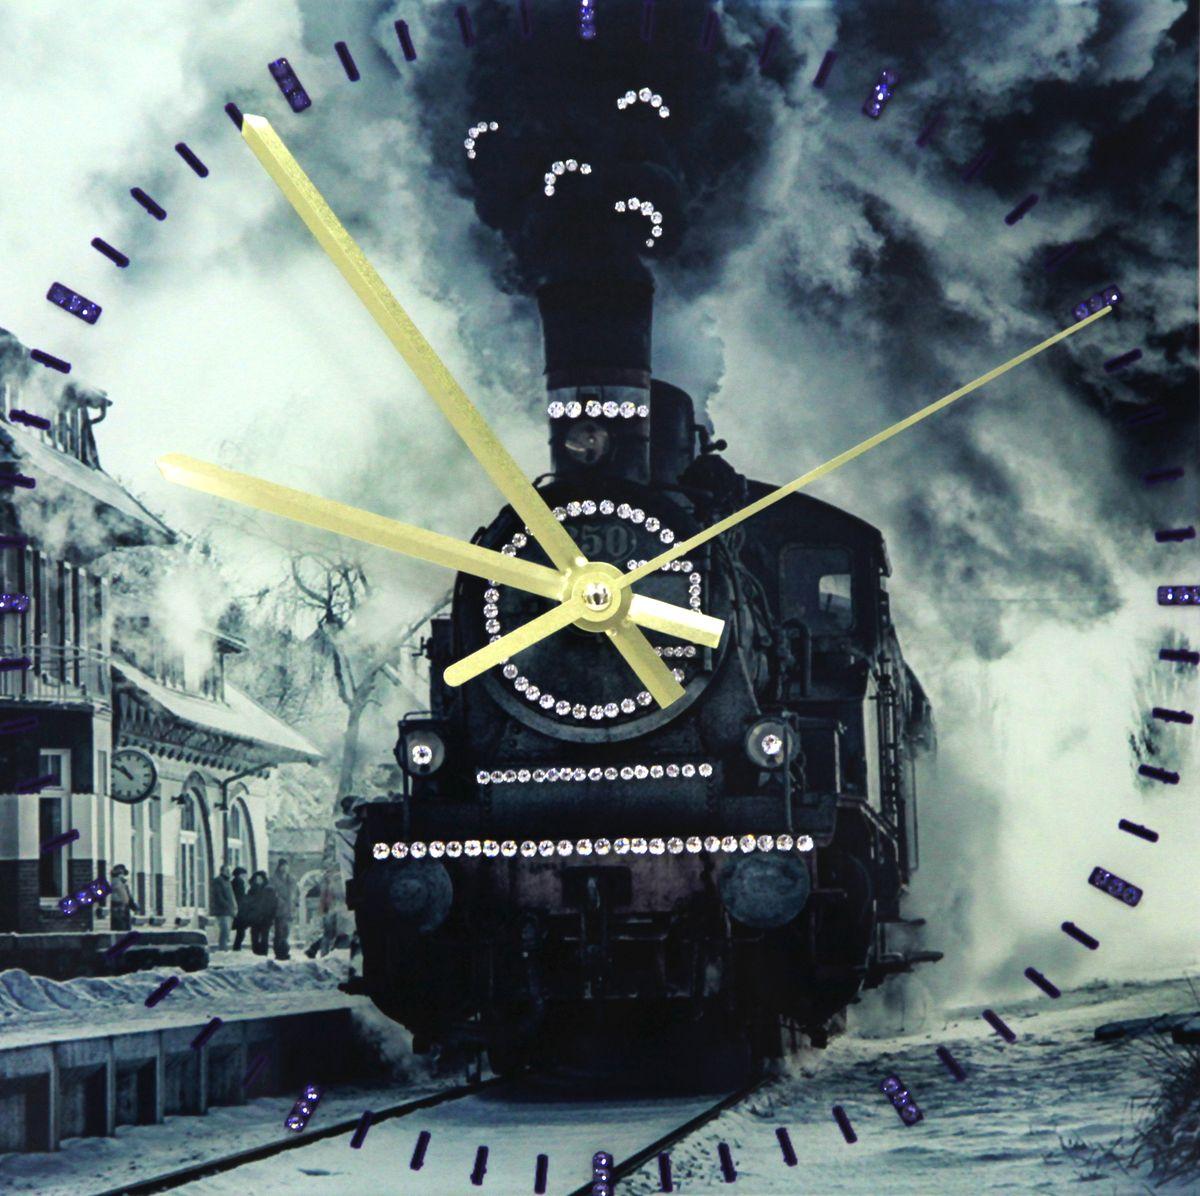 1672 Часы Сваровски СваровскиПаровоз1672Часы без багета, инкрустированные кристалами Сваровски.